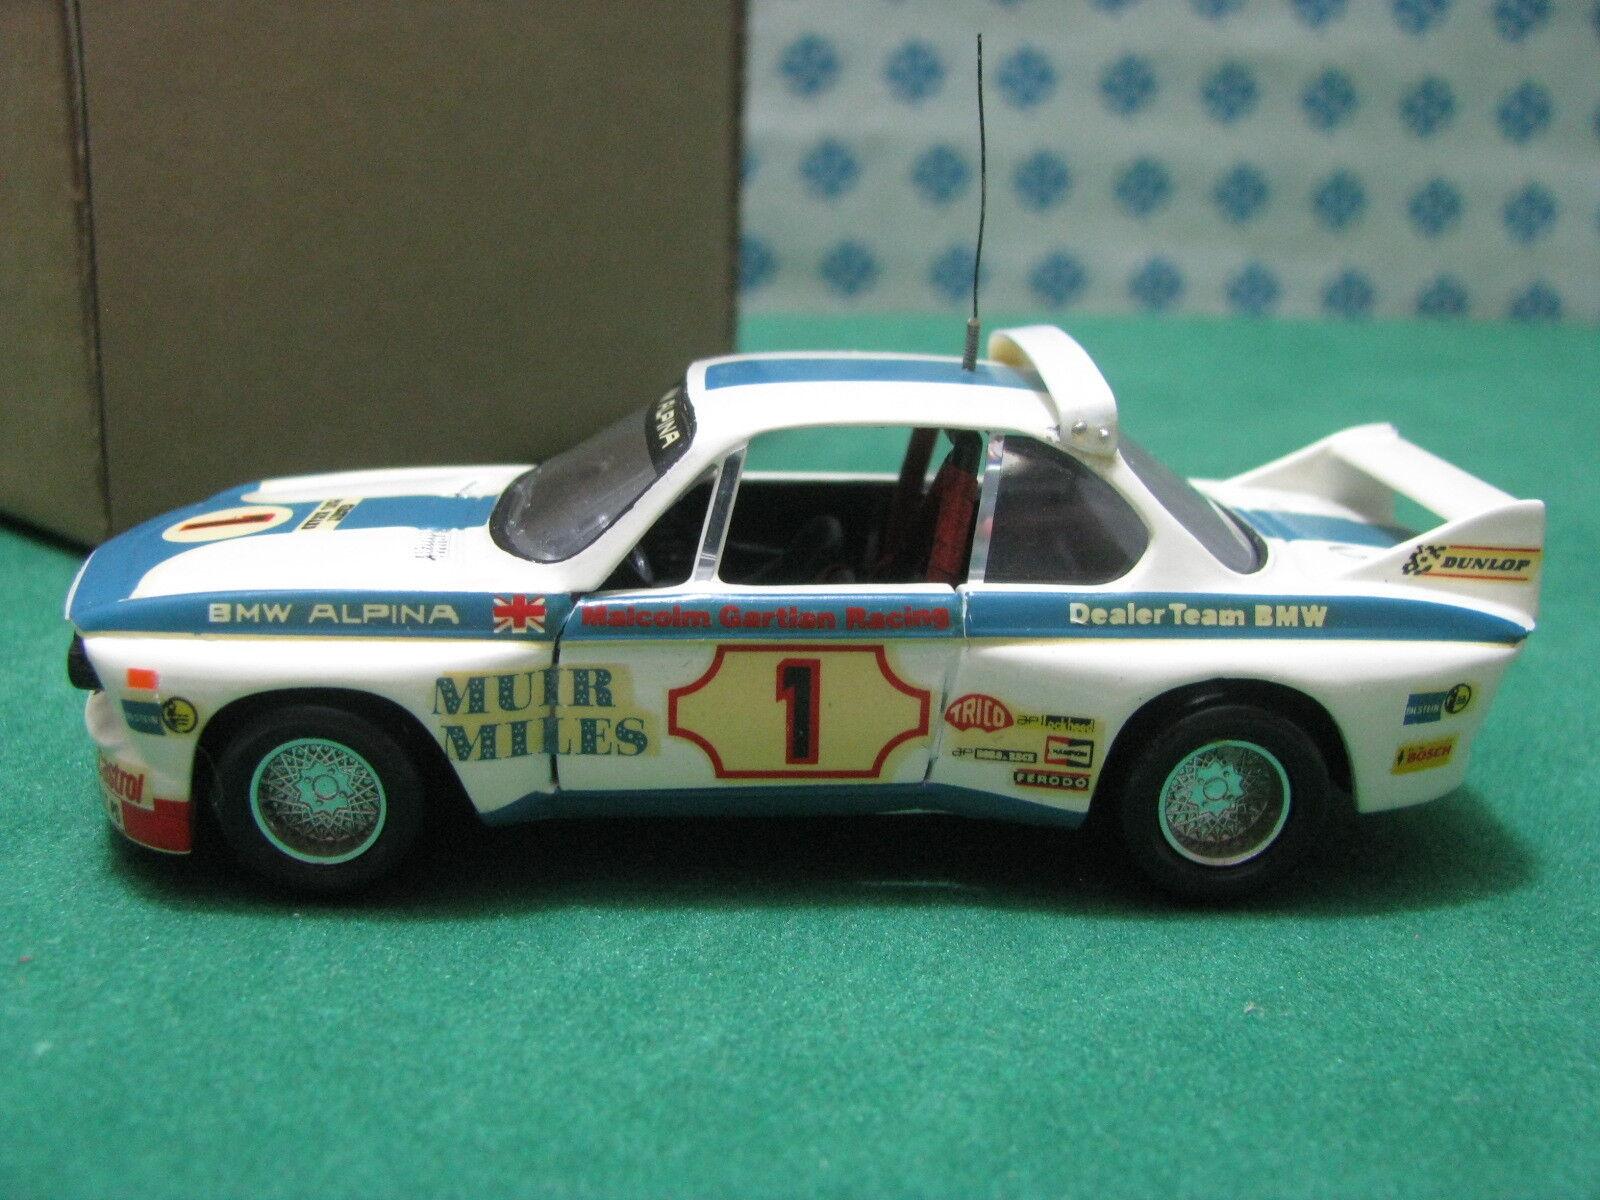 Vintage - BMW 3000 CLS Equipo Equipo Equipo bmw Alpina - 1 43 Tratamiento Solido 1974 0accc5